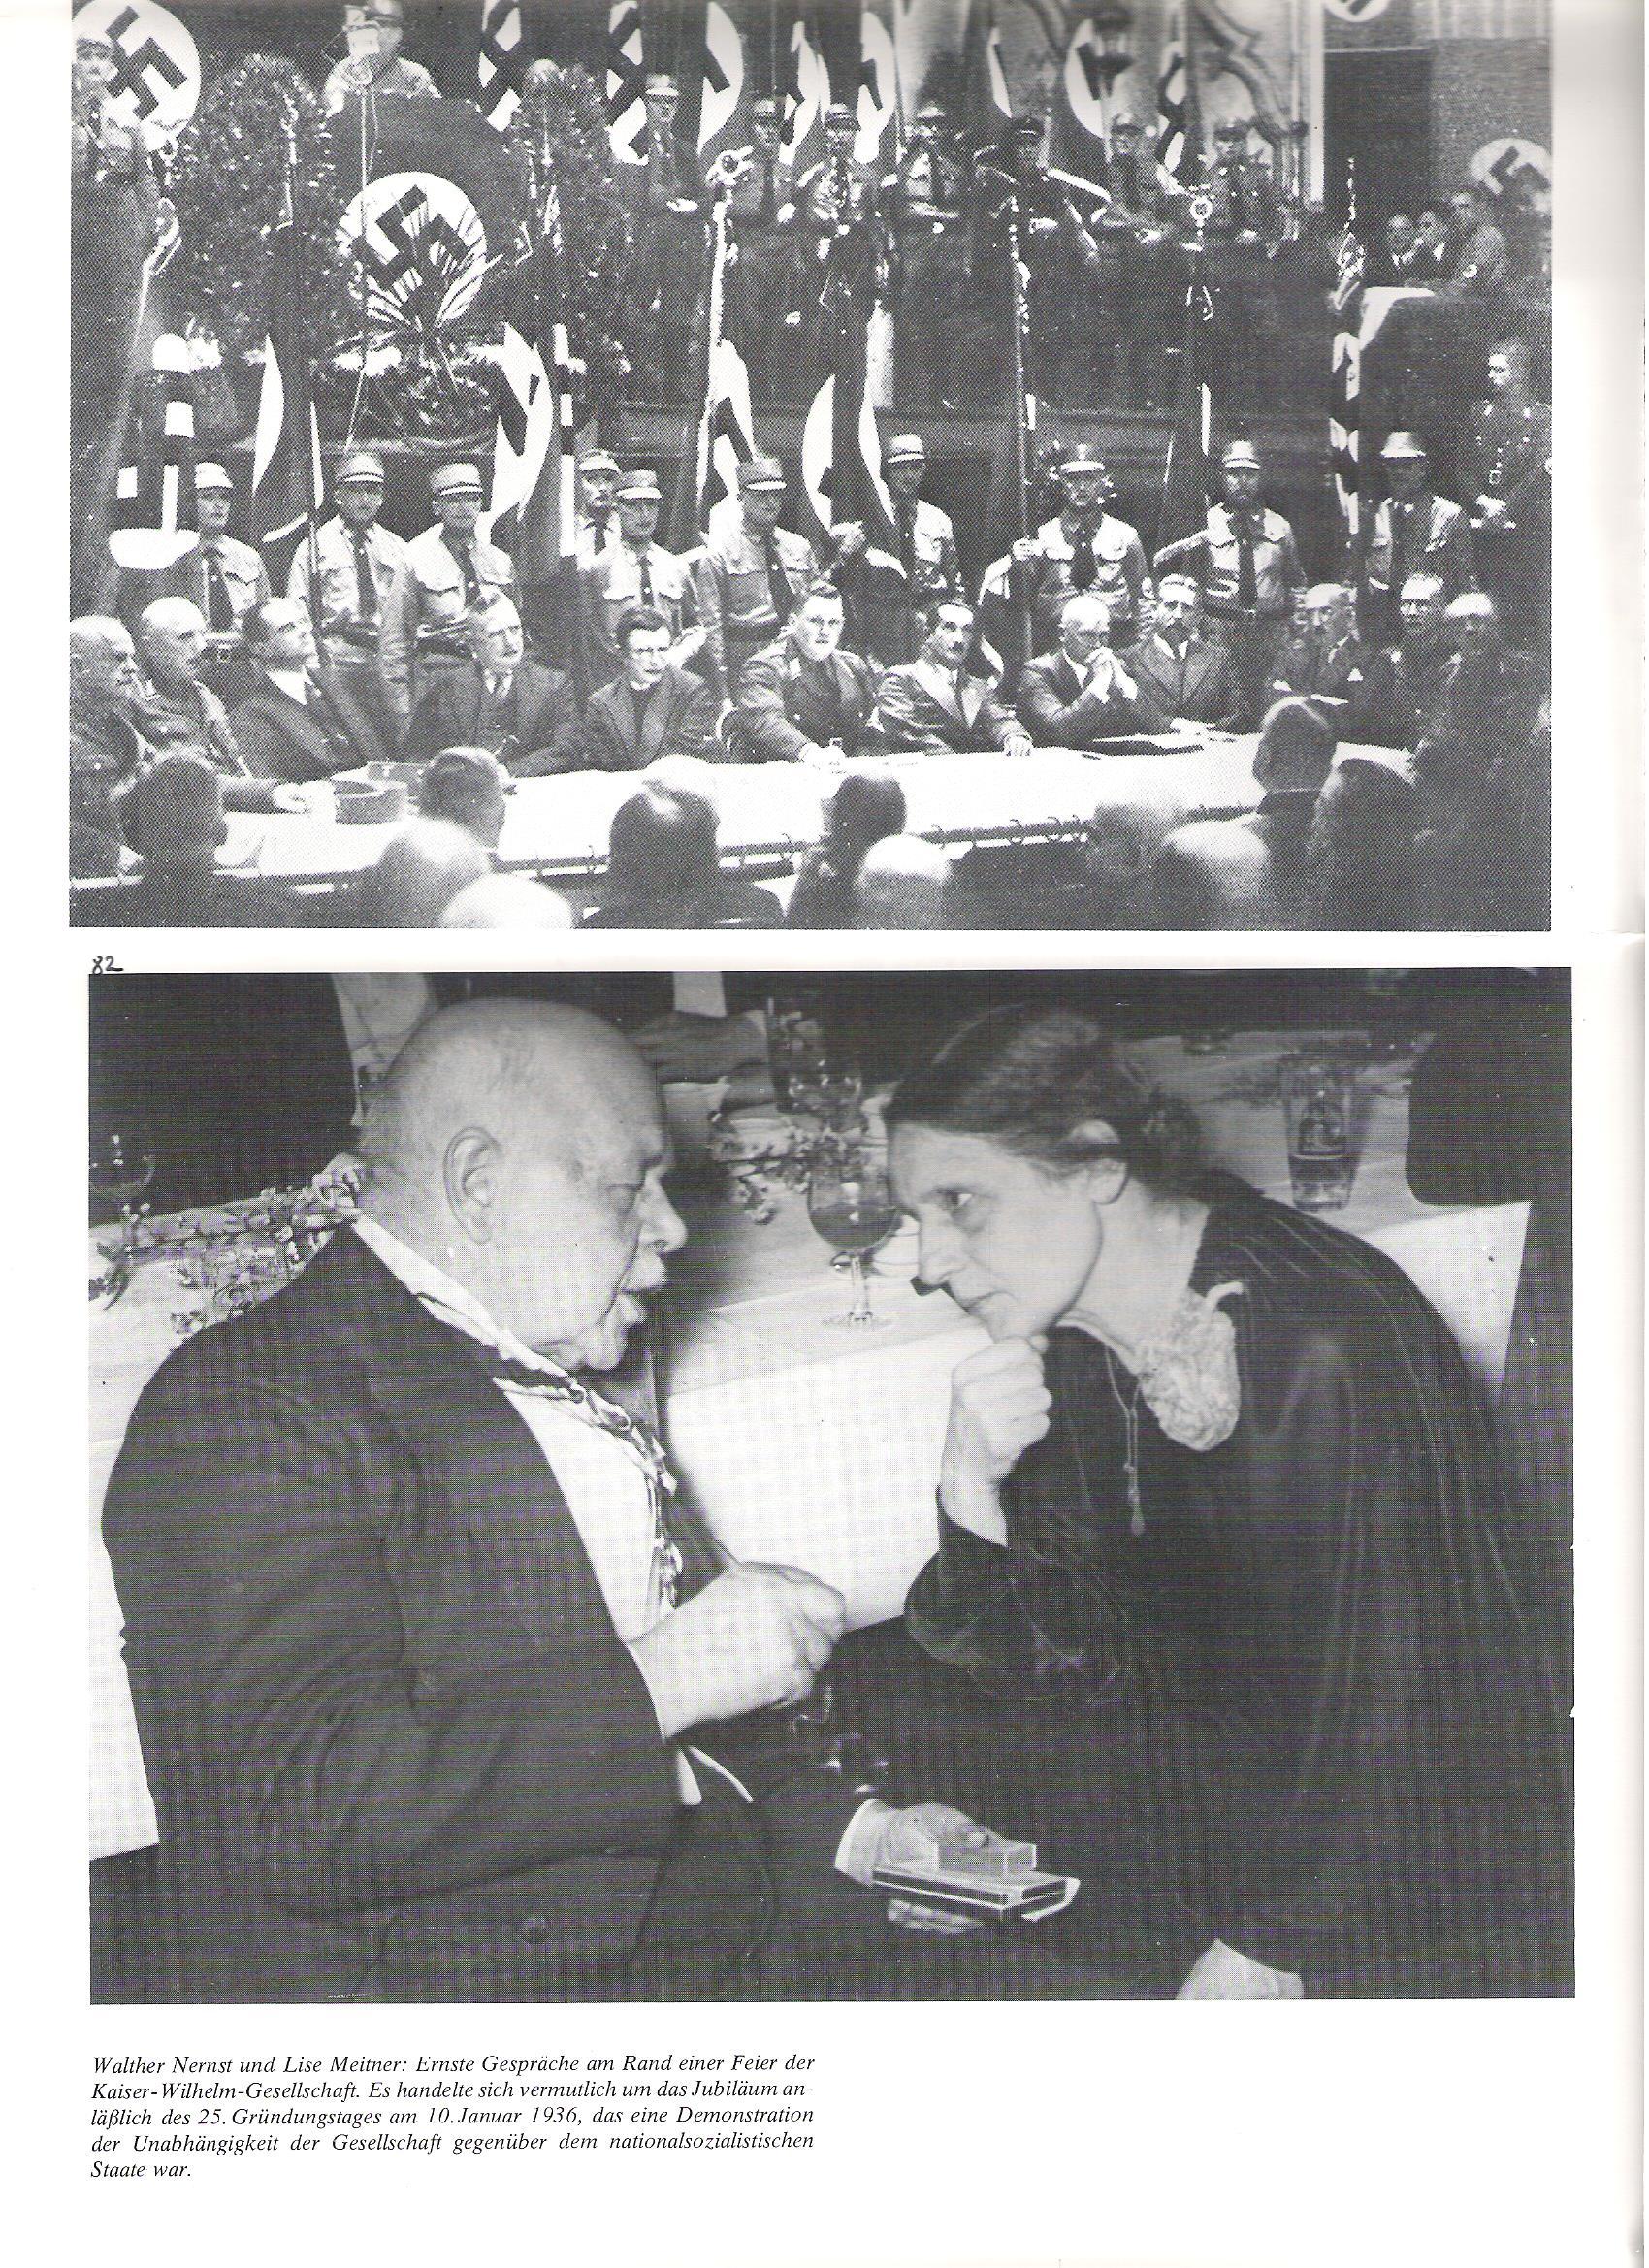 82<br />Walther Nernst és Lise Meitner: komoly beszélgetések a Kaiser Wilhelm Társaság ünnepsége szélén. A kép valószínűleg 1936. január 10-én, a Társaság alapításának 25. évfordulóján készült. A Kaiser Wilhelm Társaság ezzel demonstrálta a náciktól való függetlenségét.